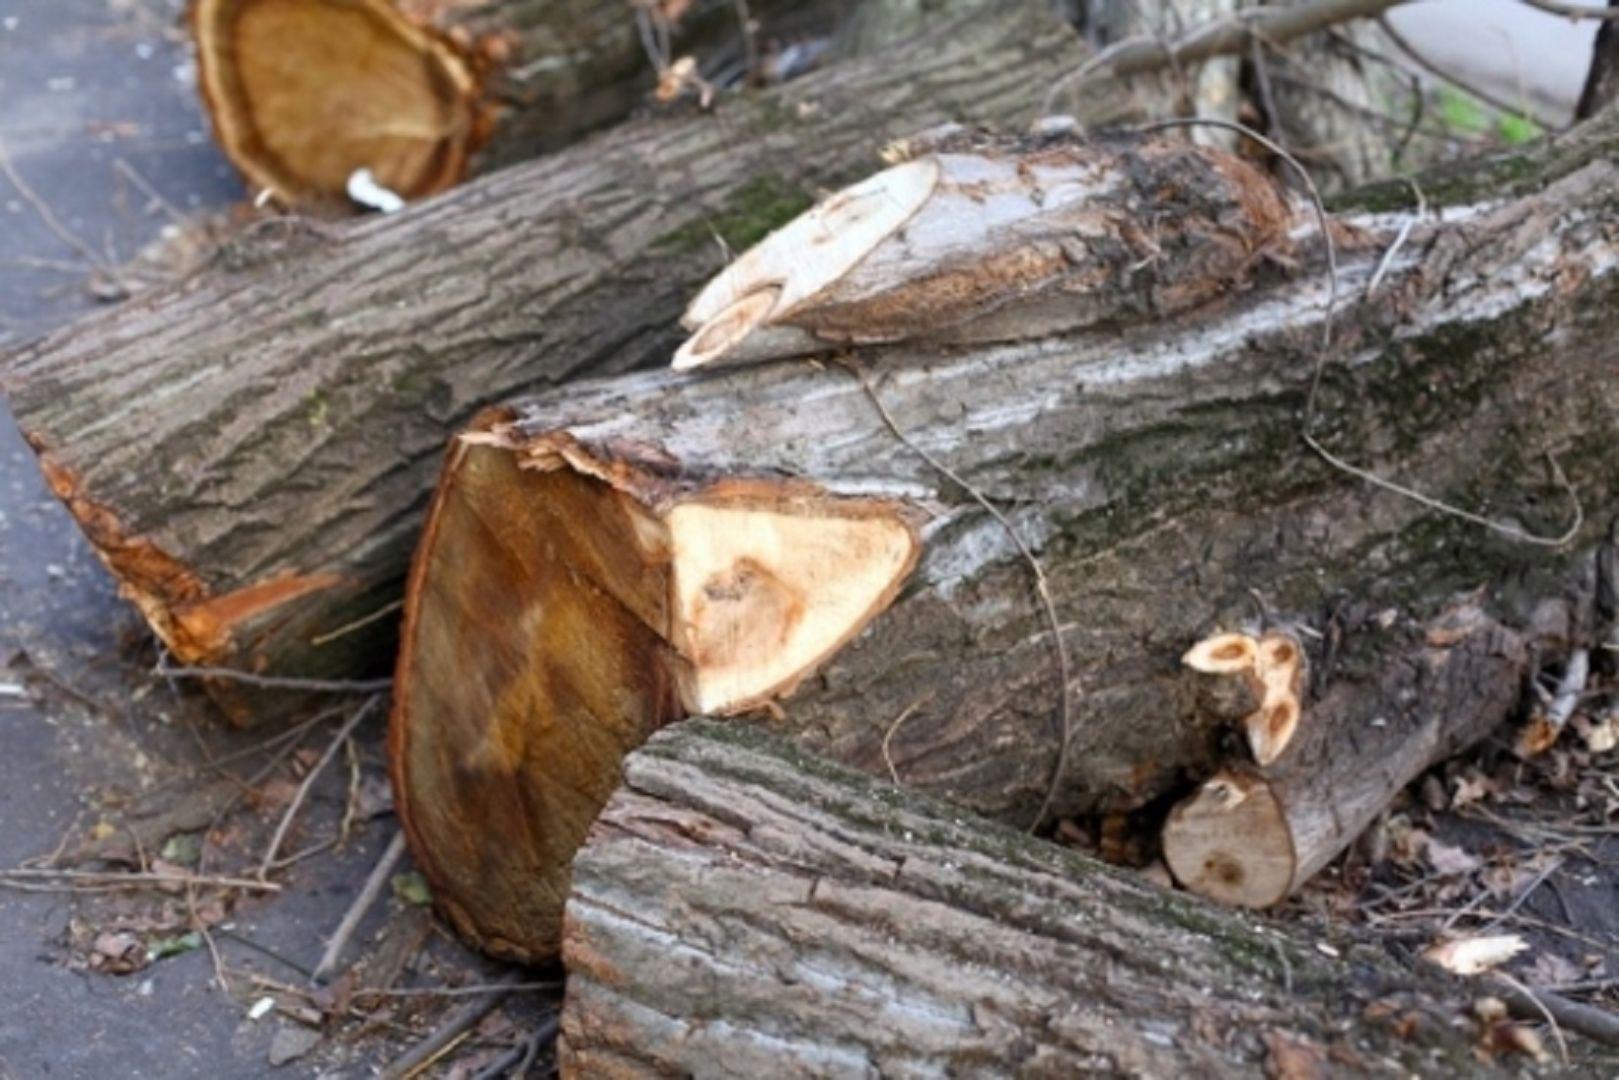 Жителя Кисловодска осудят за преступную вырубку деревьев на10 млн руб.